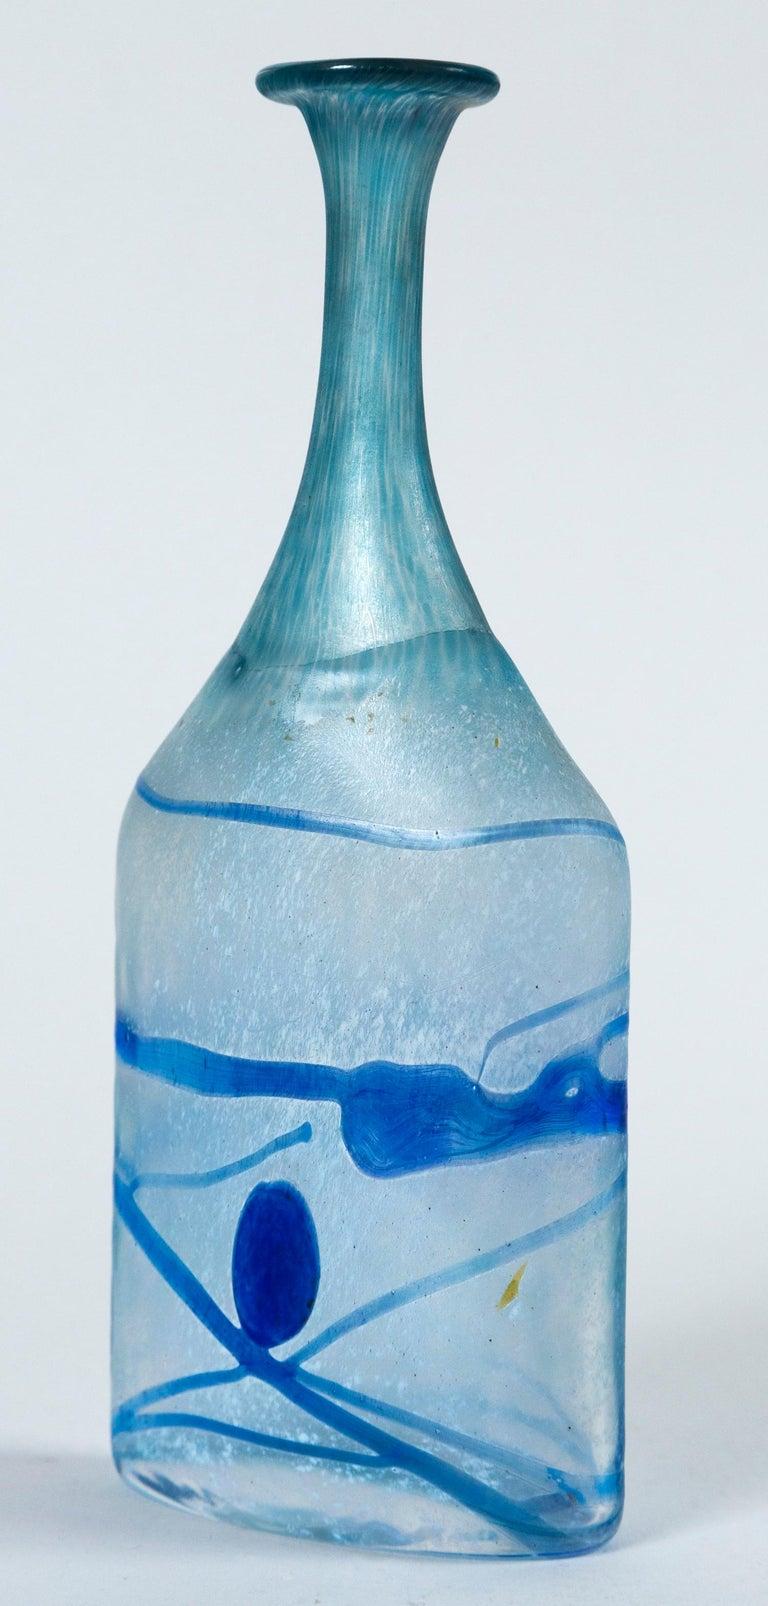 Frosted Art Glass Vase, Bertil Vallien, Kosta Boda, Sweden, circa 1970 For Sale